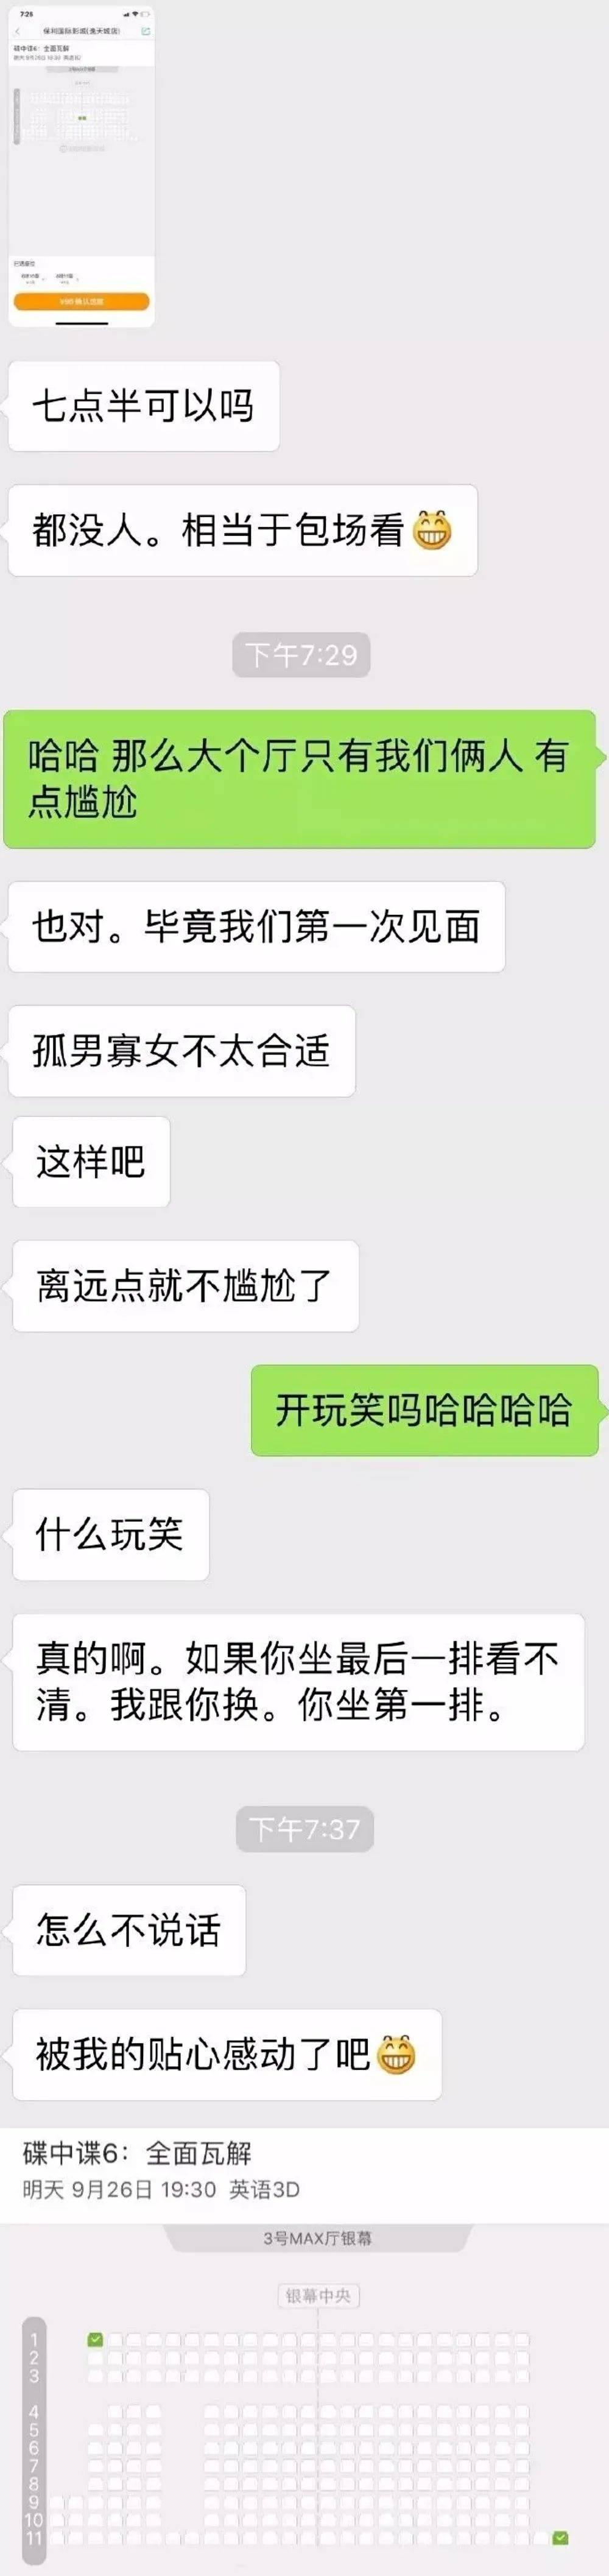 """""""当中国网友发现月球不能种菜后..."""" 哈哈哈14亿人梦碎现场"""